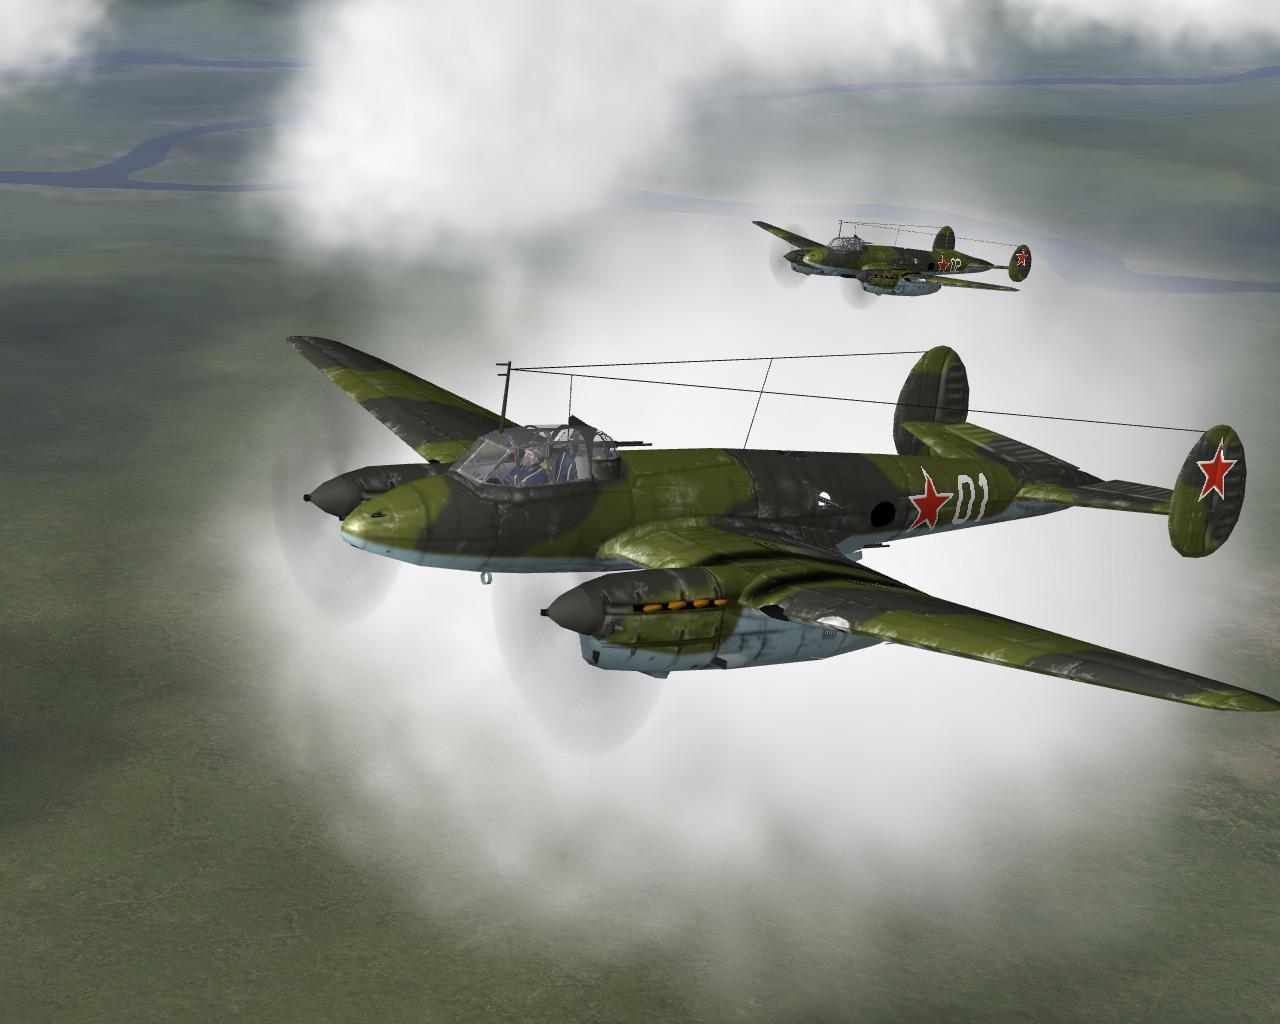 Истории пикирующего бомбардировщика Самолеты в небе